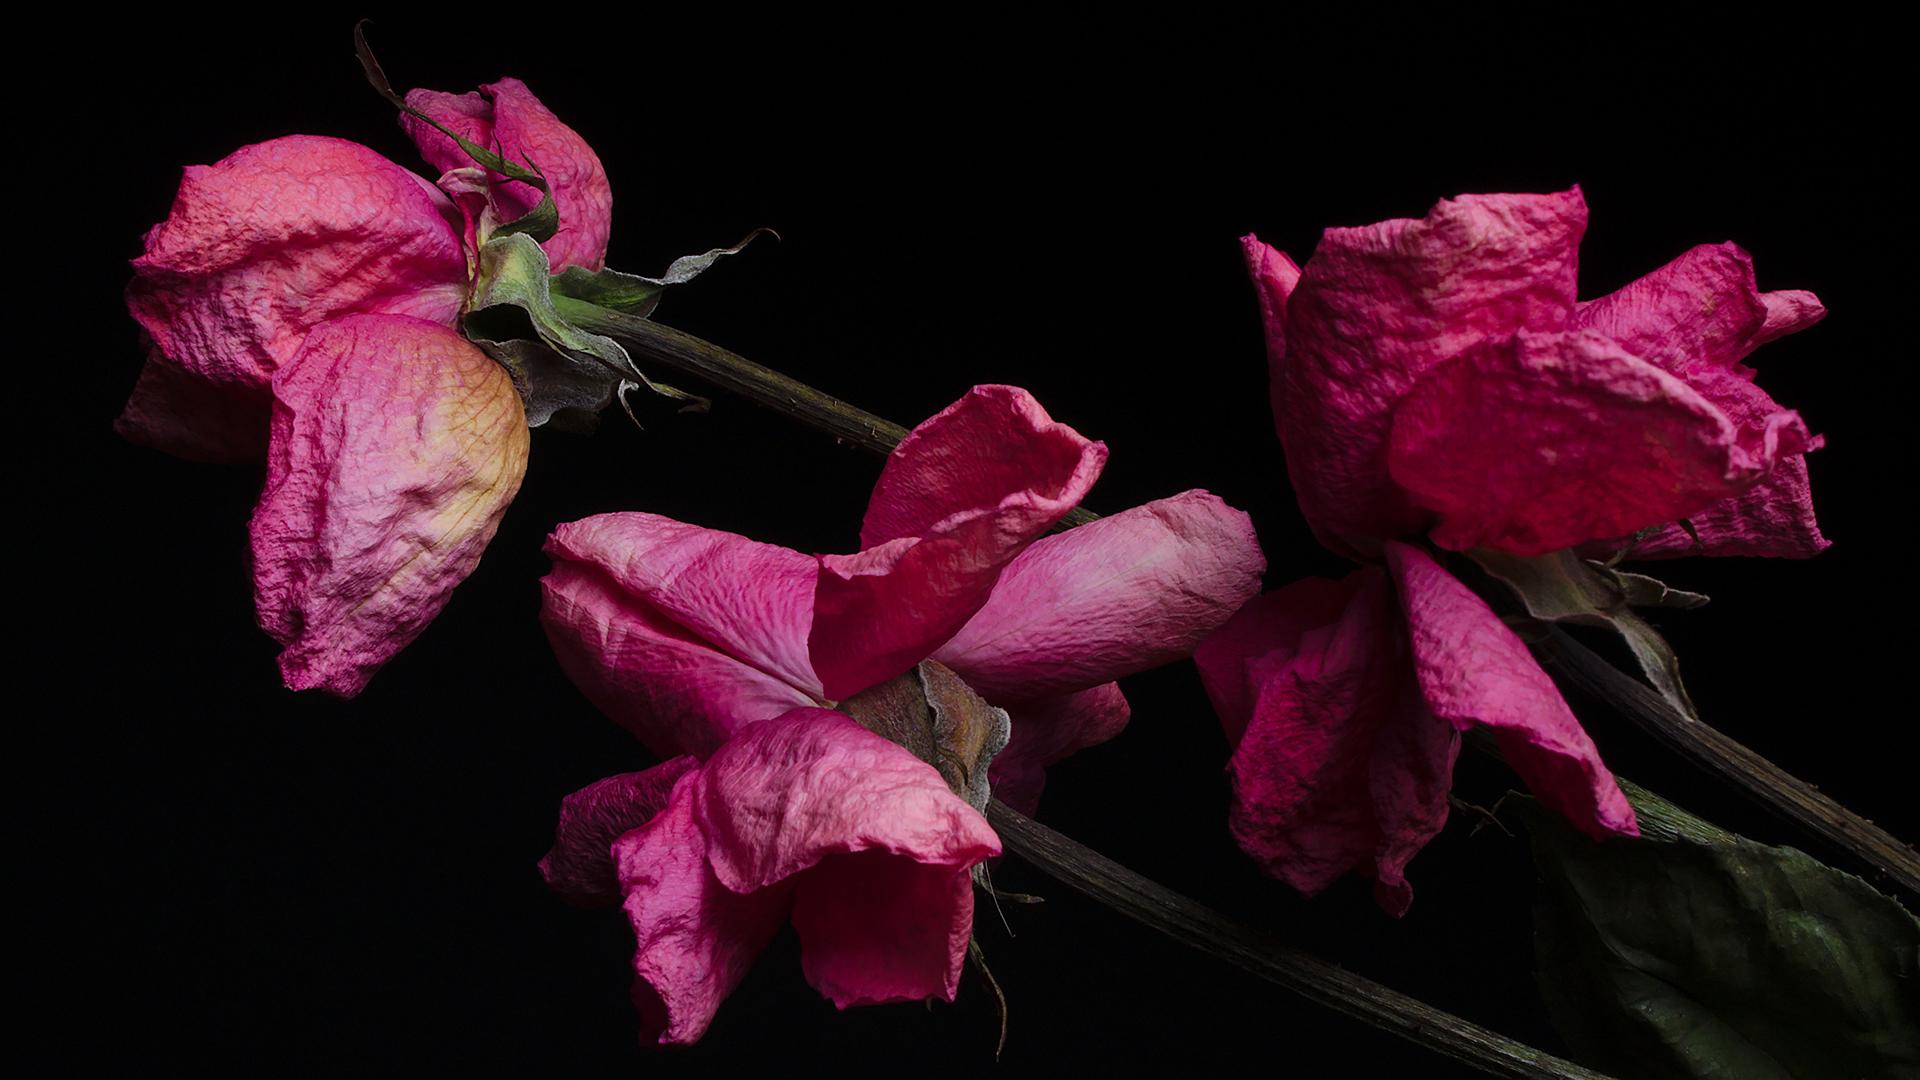 flores secas, lgbtq de volta ao armário